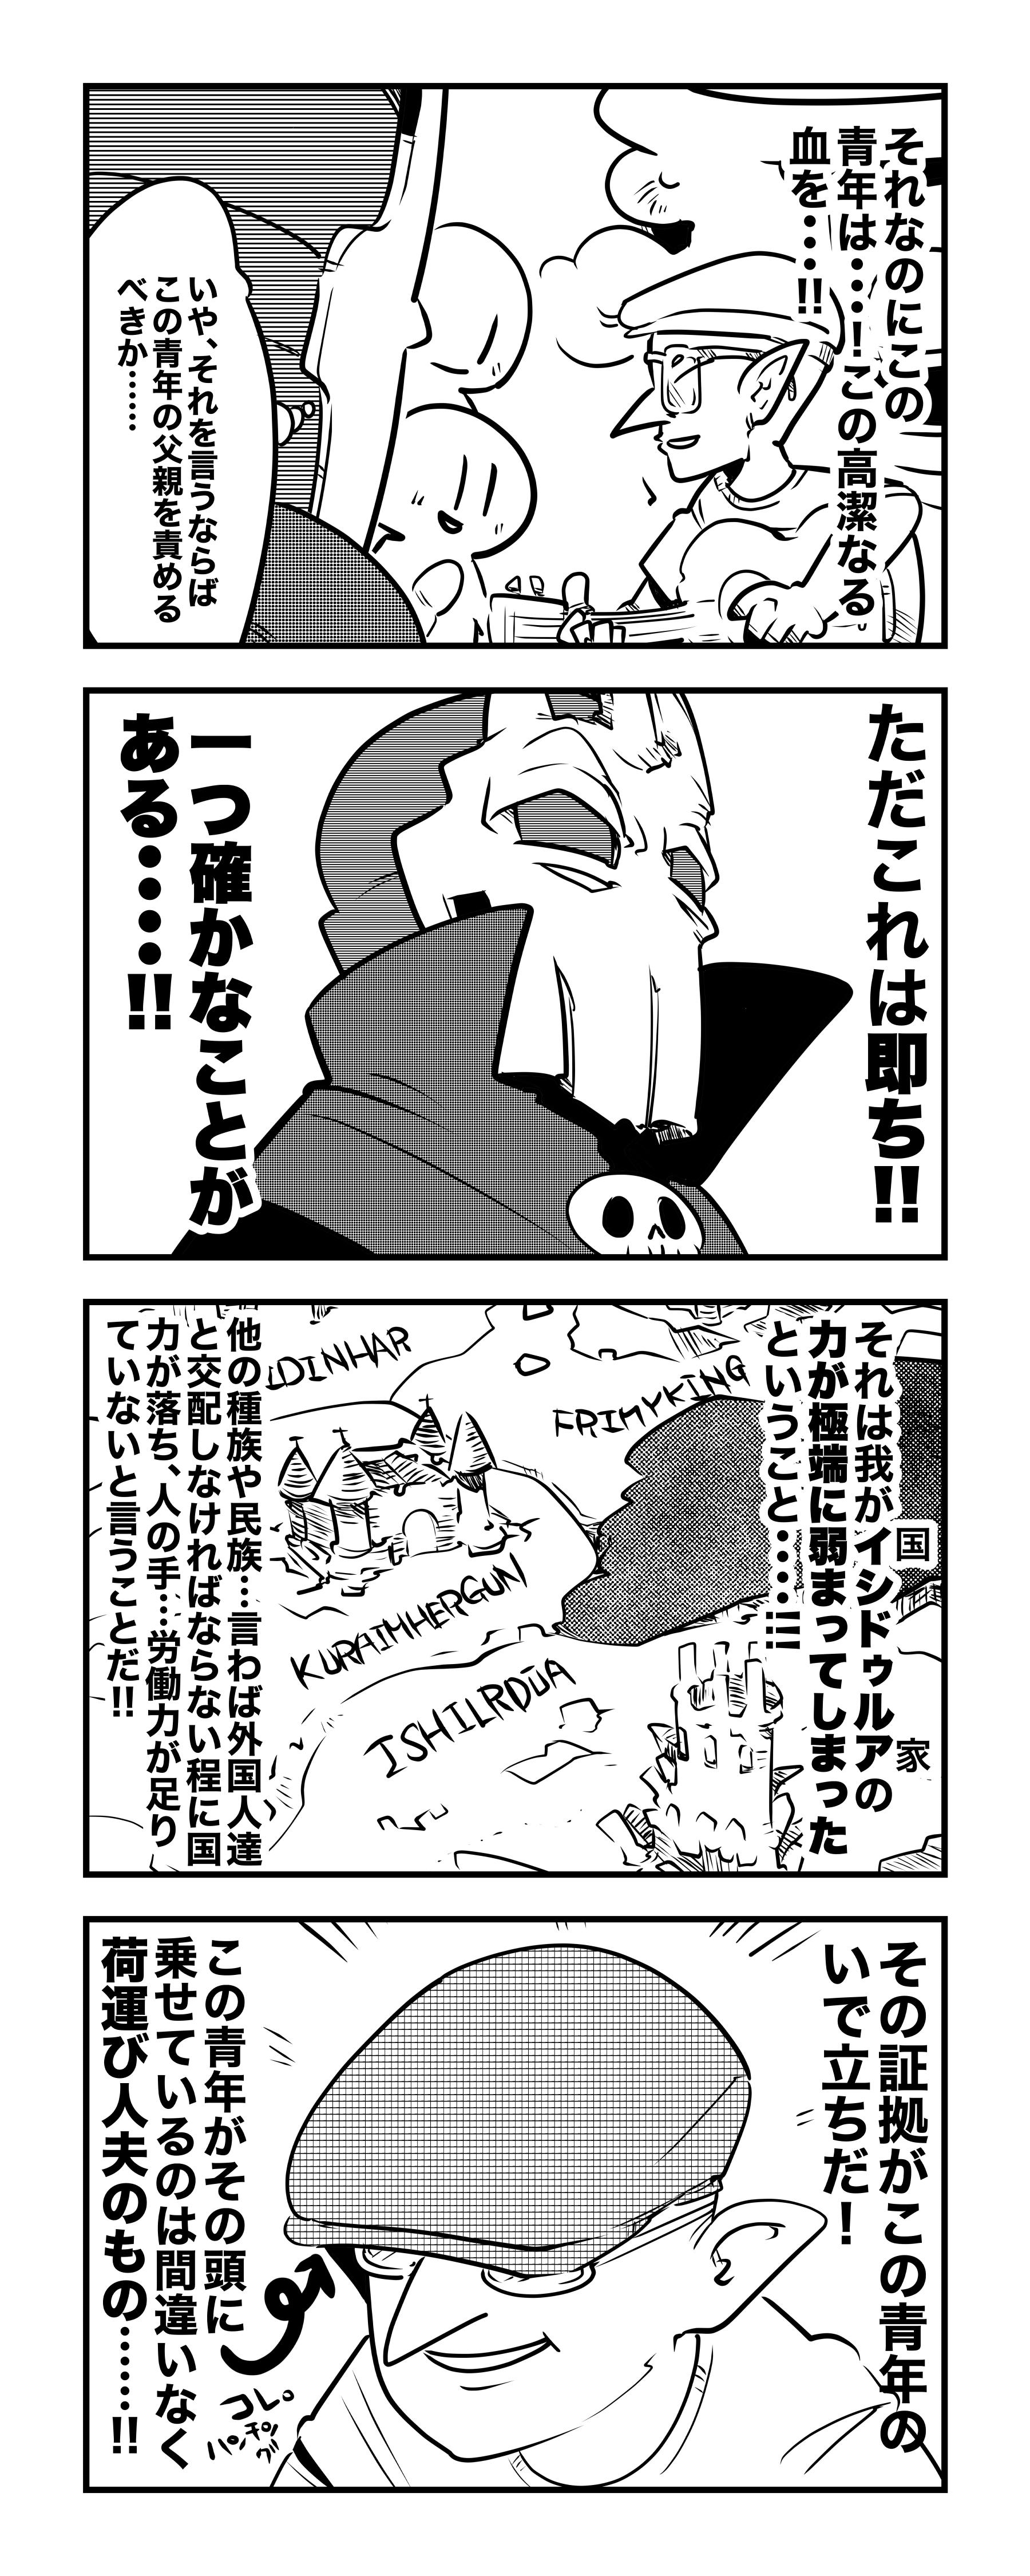 f:id:terashimaru117:20210508213946j:plain